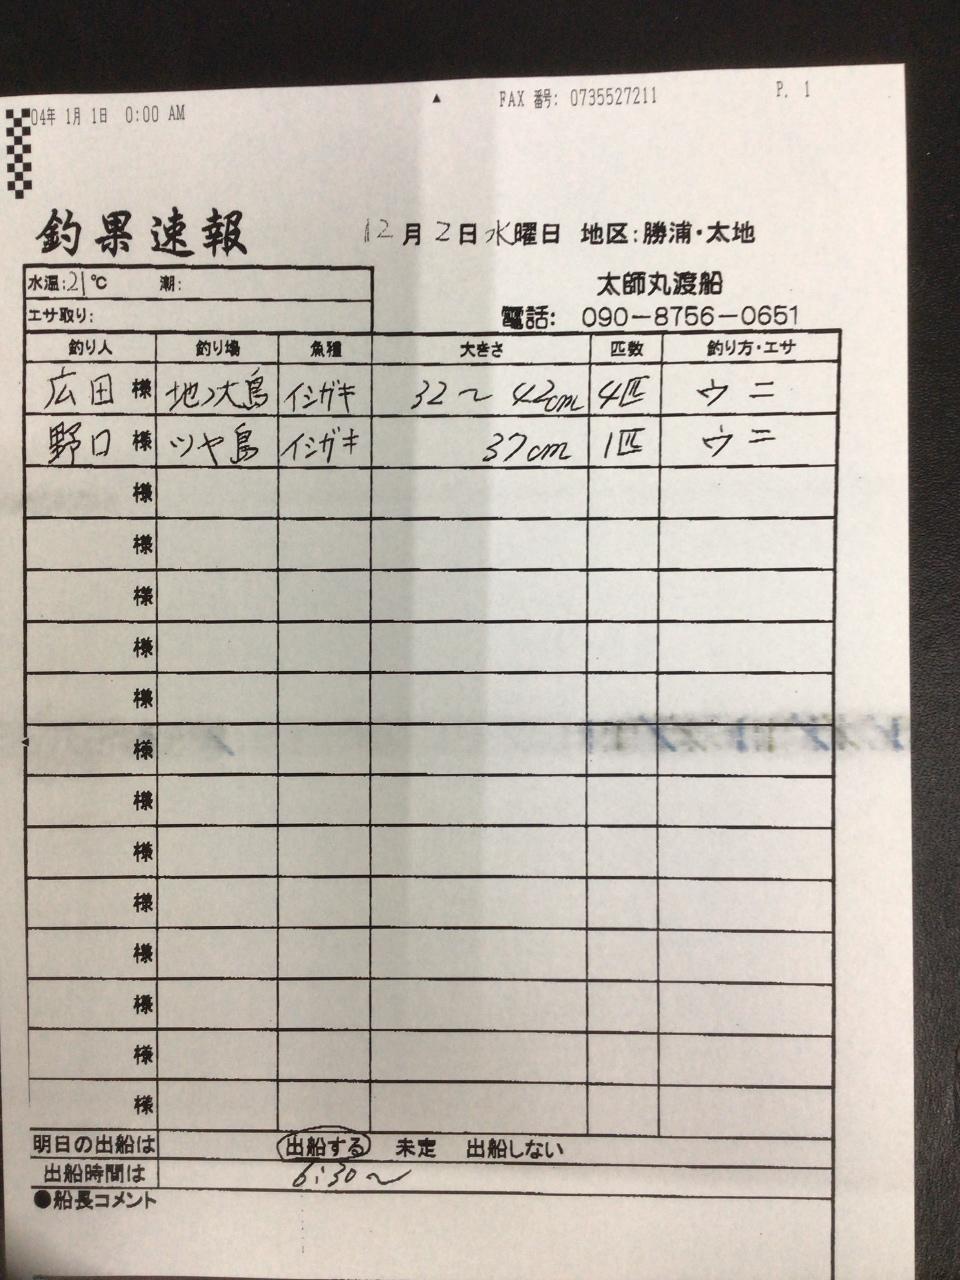 12/2 太地・太師丸渡船さん釣果 | 南紀和歌山 渡船・ダービーの最新 ...